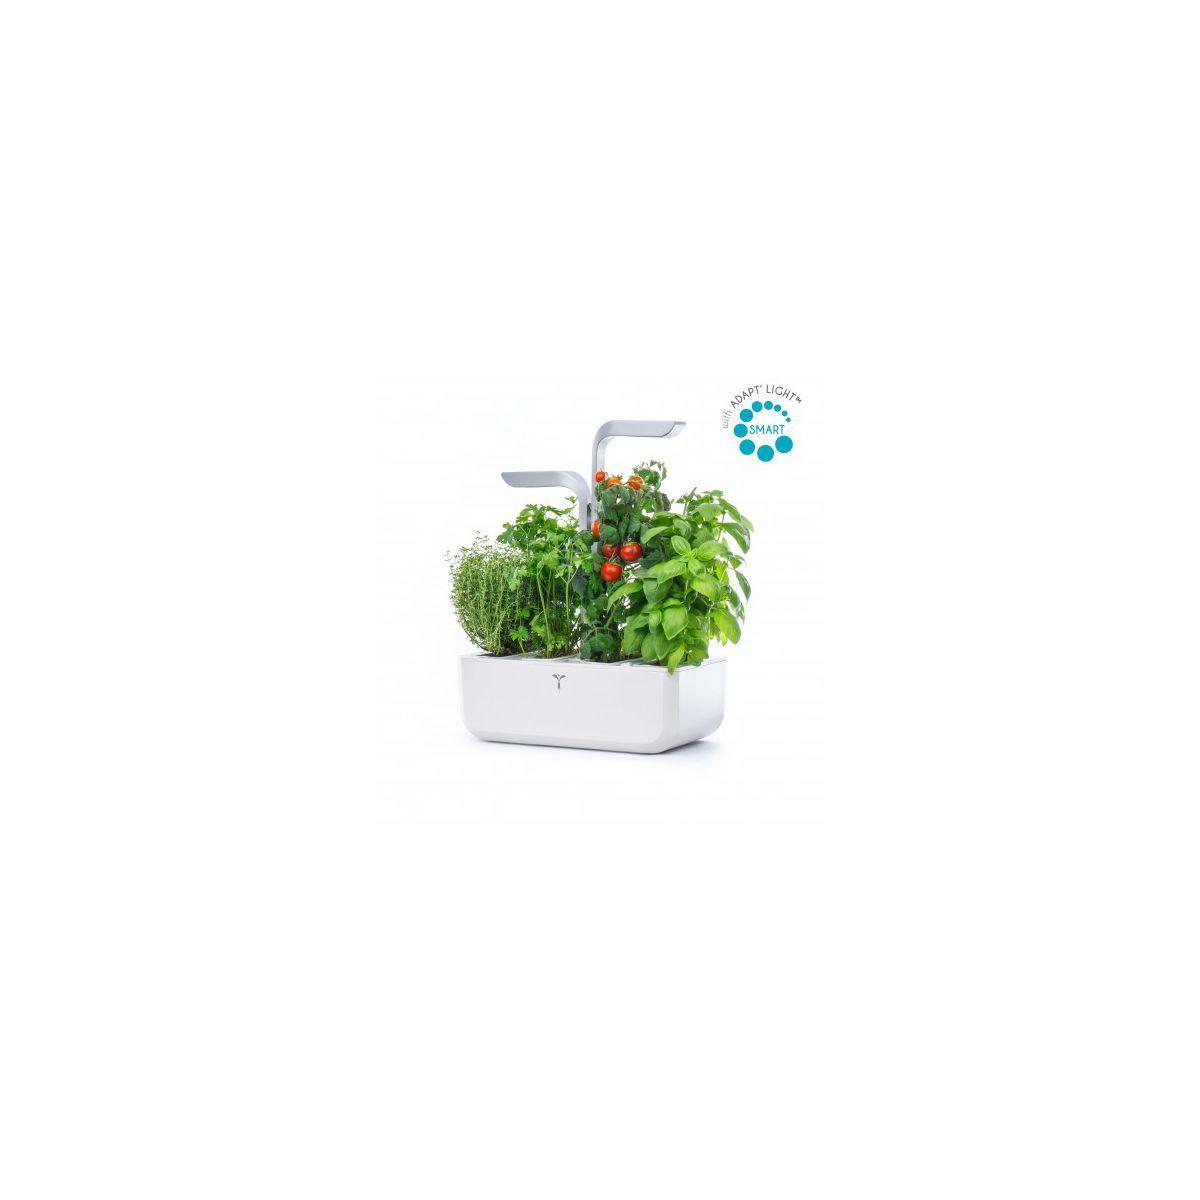 Jardin d'int�rieur veritable smart arctic white - livraison offerte : code premium (photo)